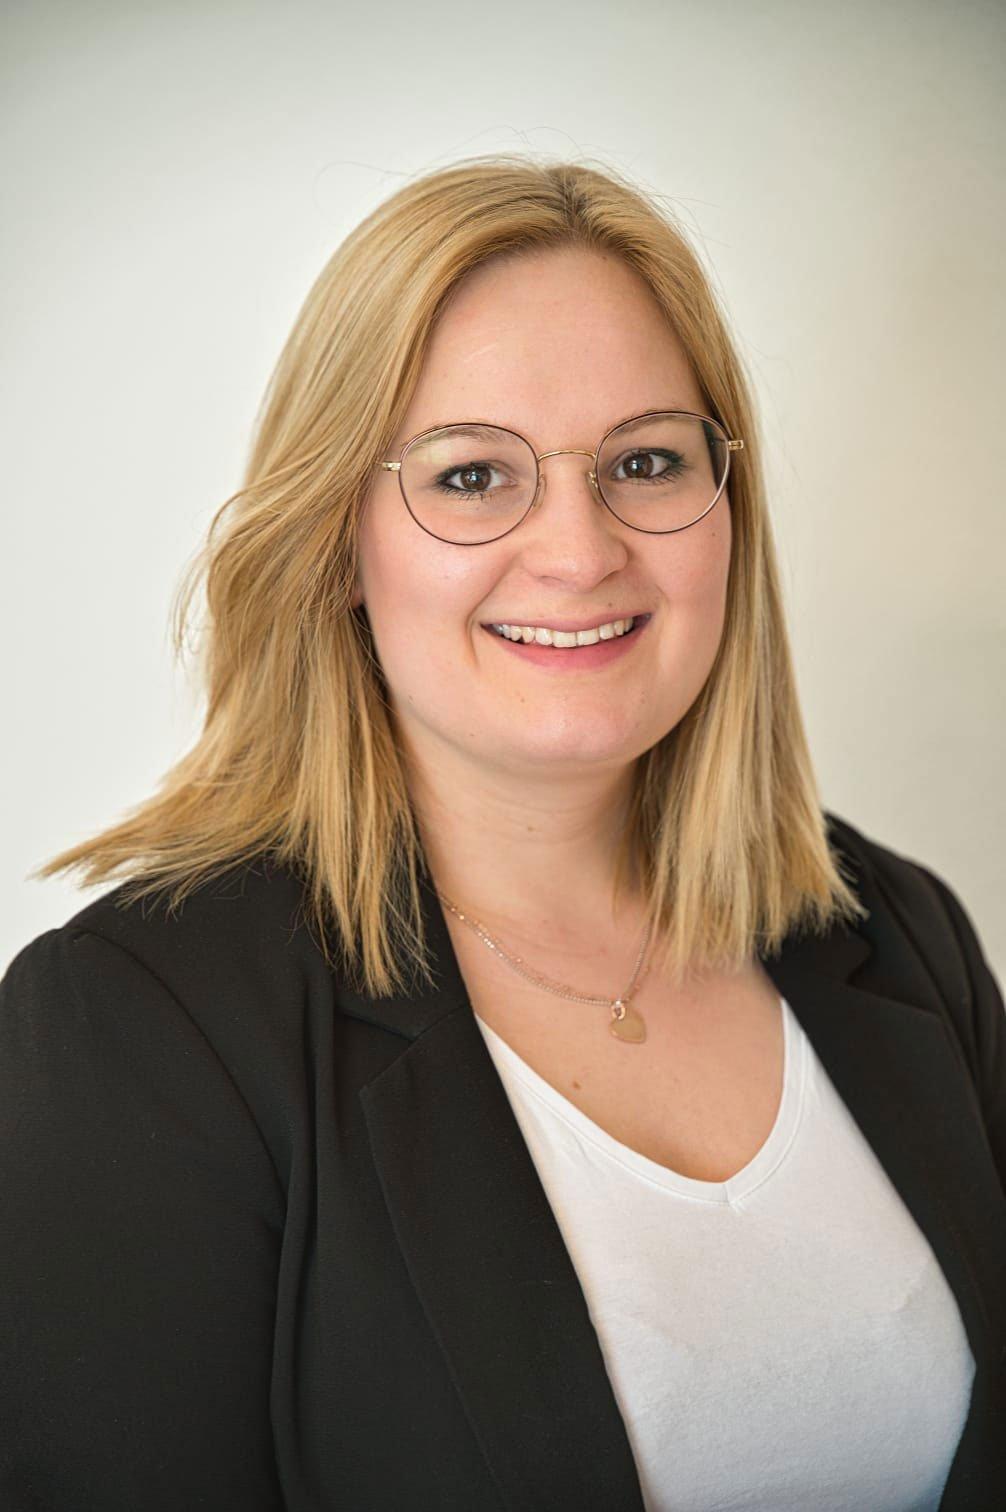 Portrait von Katharina Pompe Finanzcoach. Blonde Frau mit Brille. Sie trägt einen schwarzen Blazer sowie ein weißes Shirt.